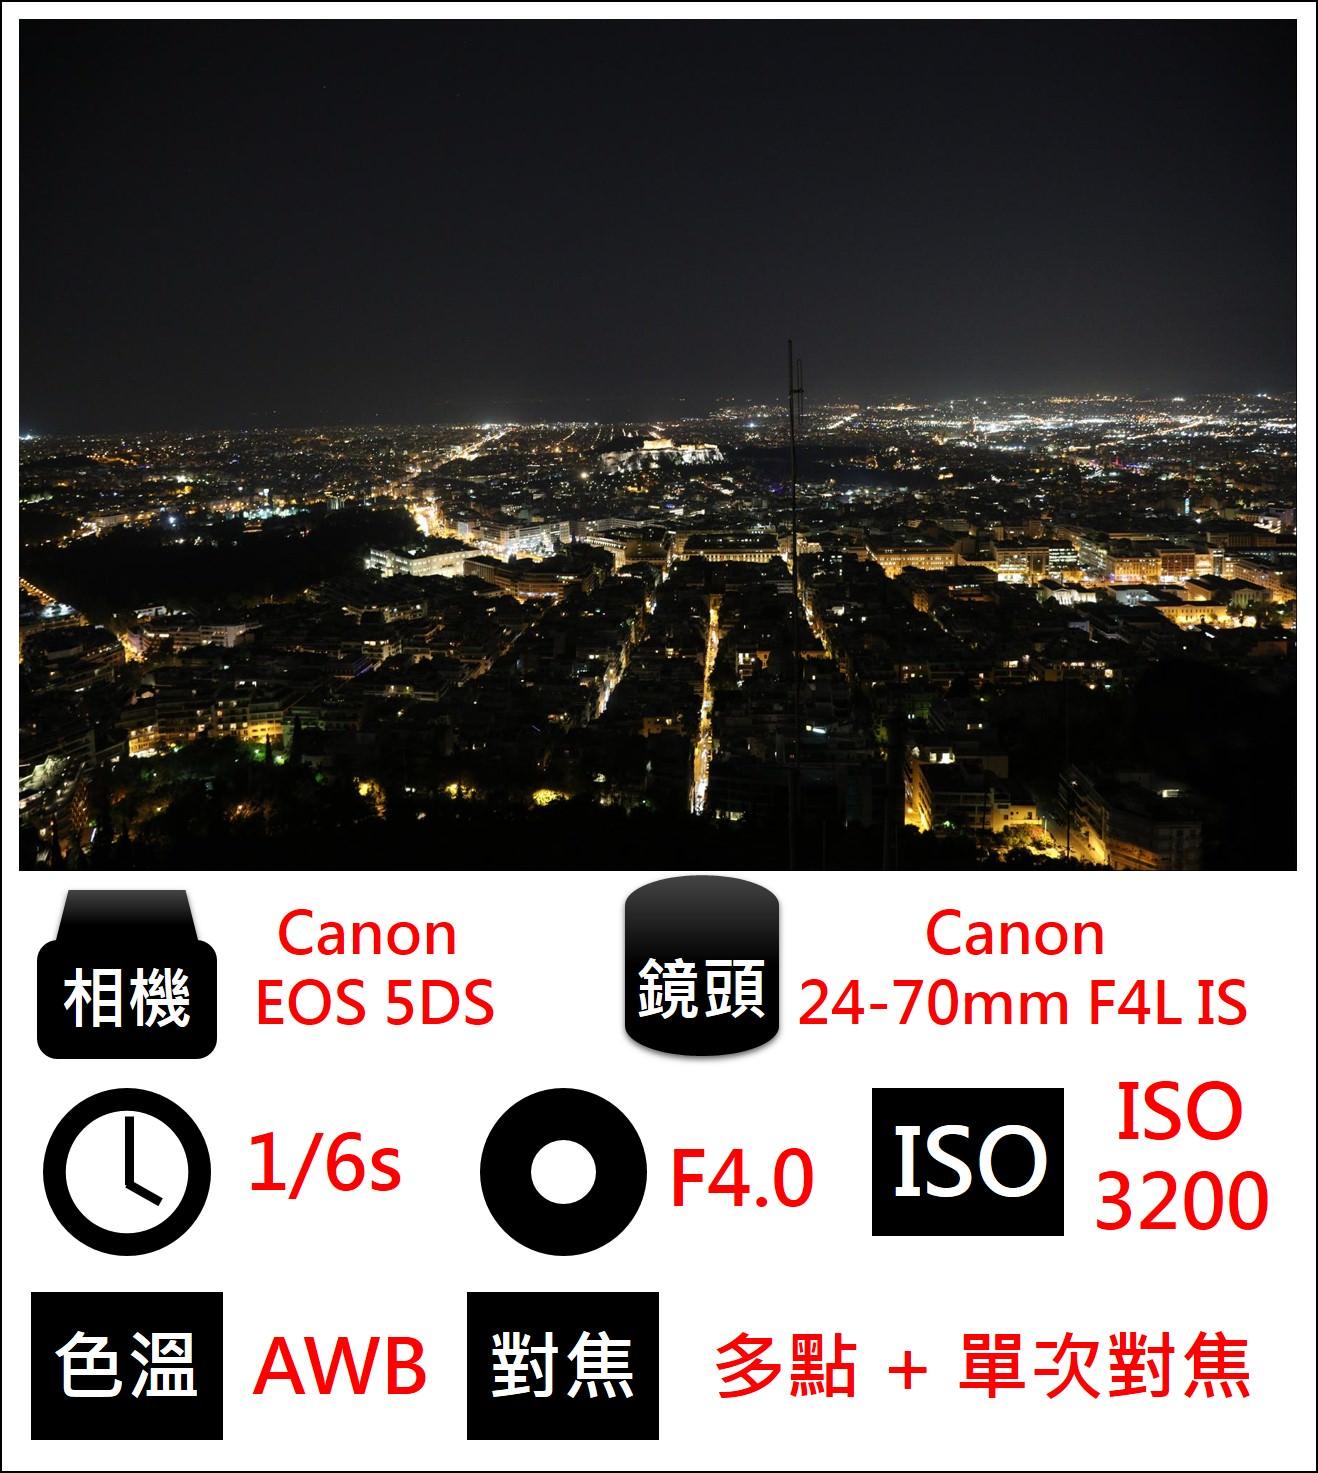 夜間手持相機怎麼拍